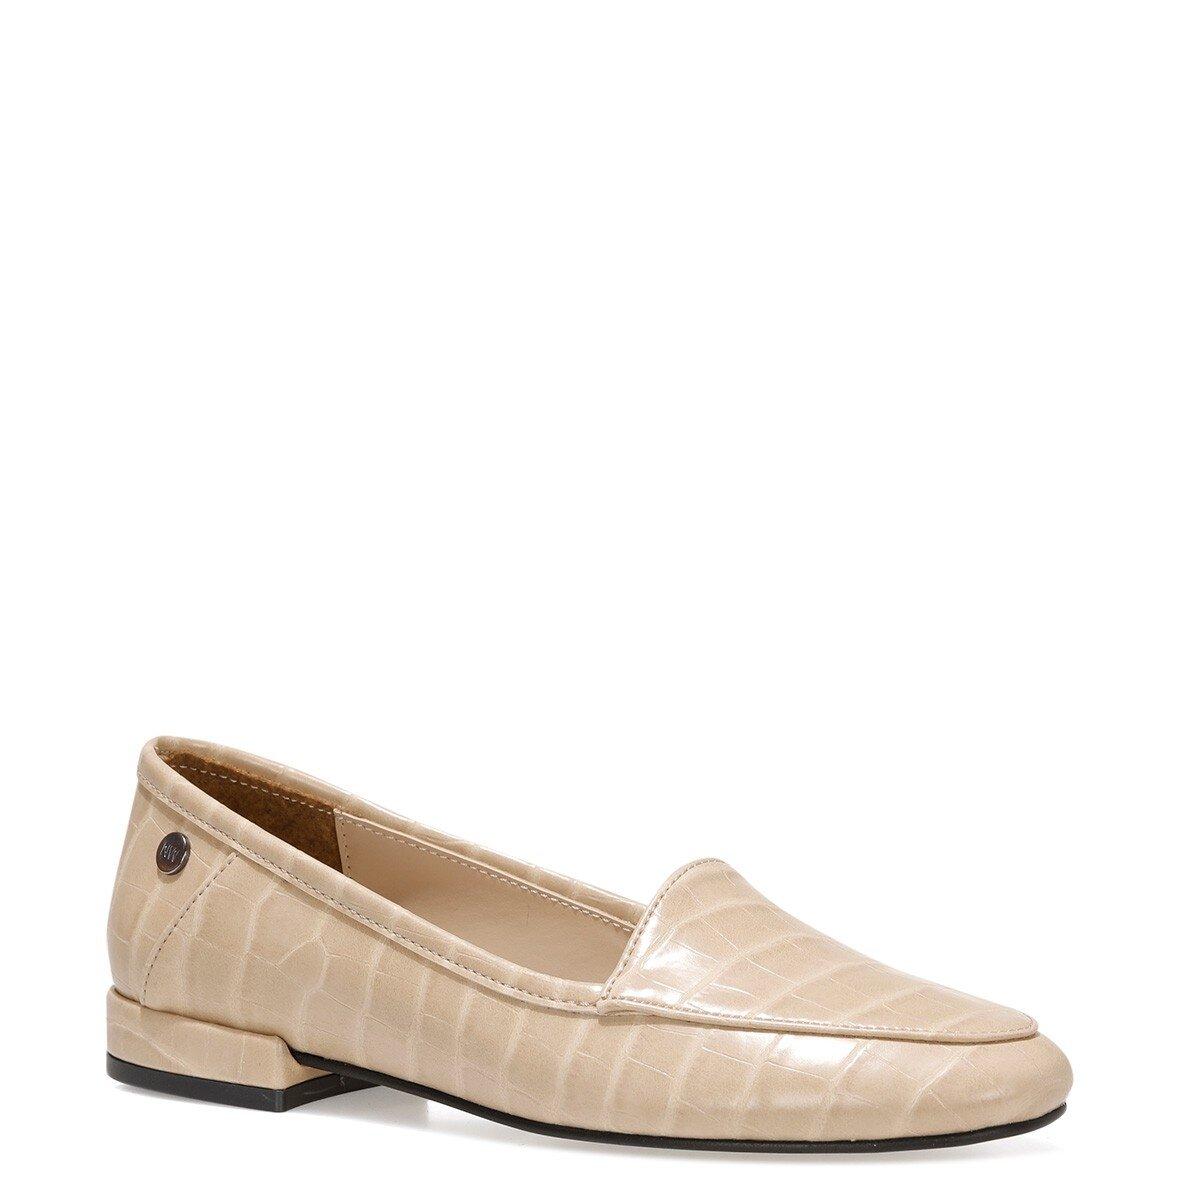 BANNA 1FX Bej Kadın Loafer Ayakkabı